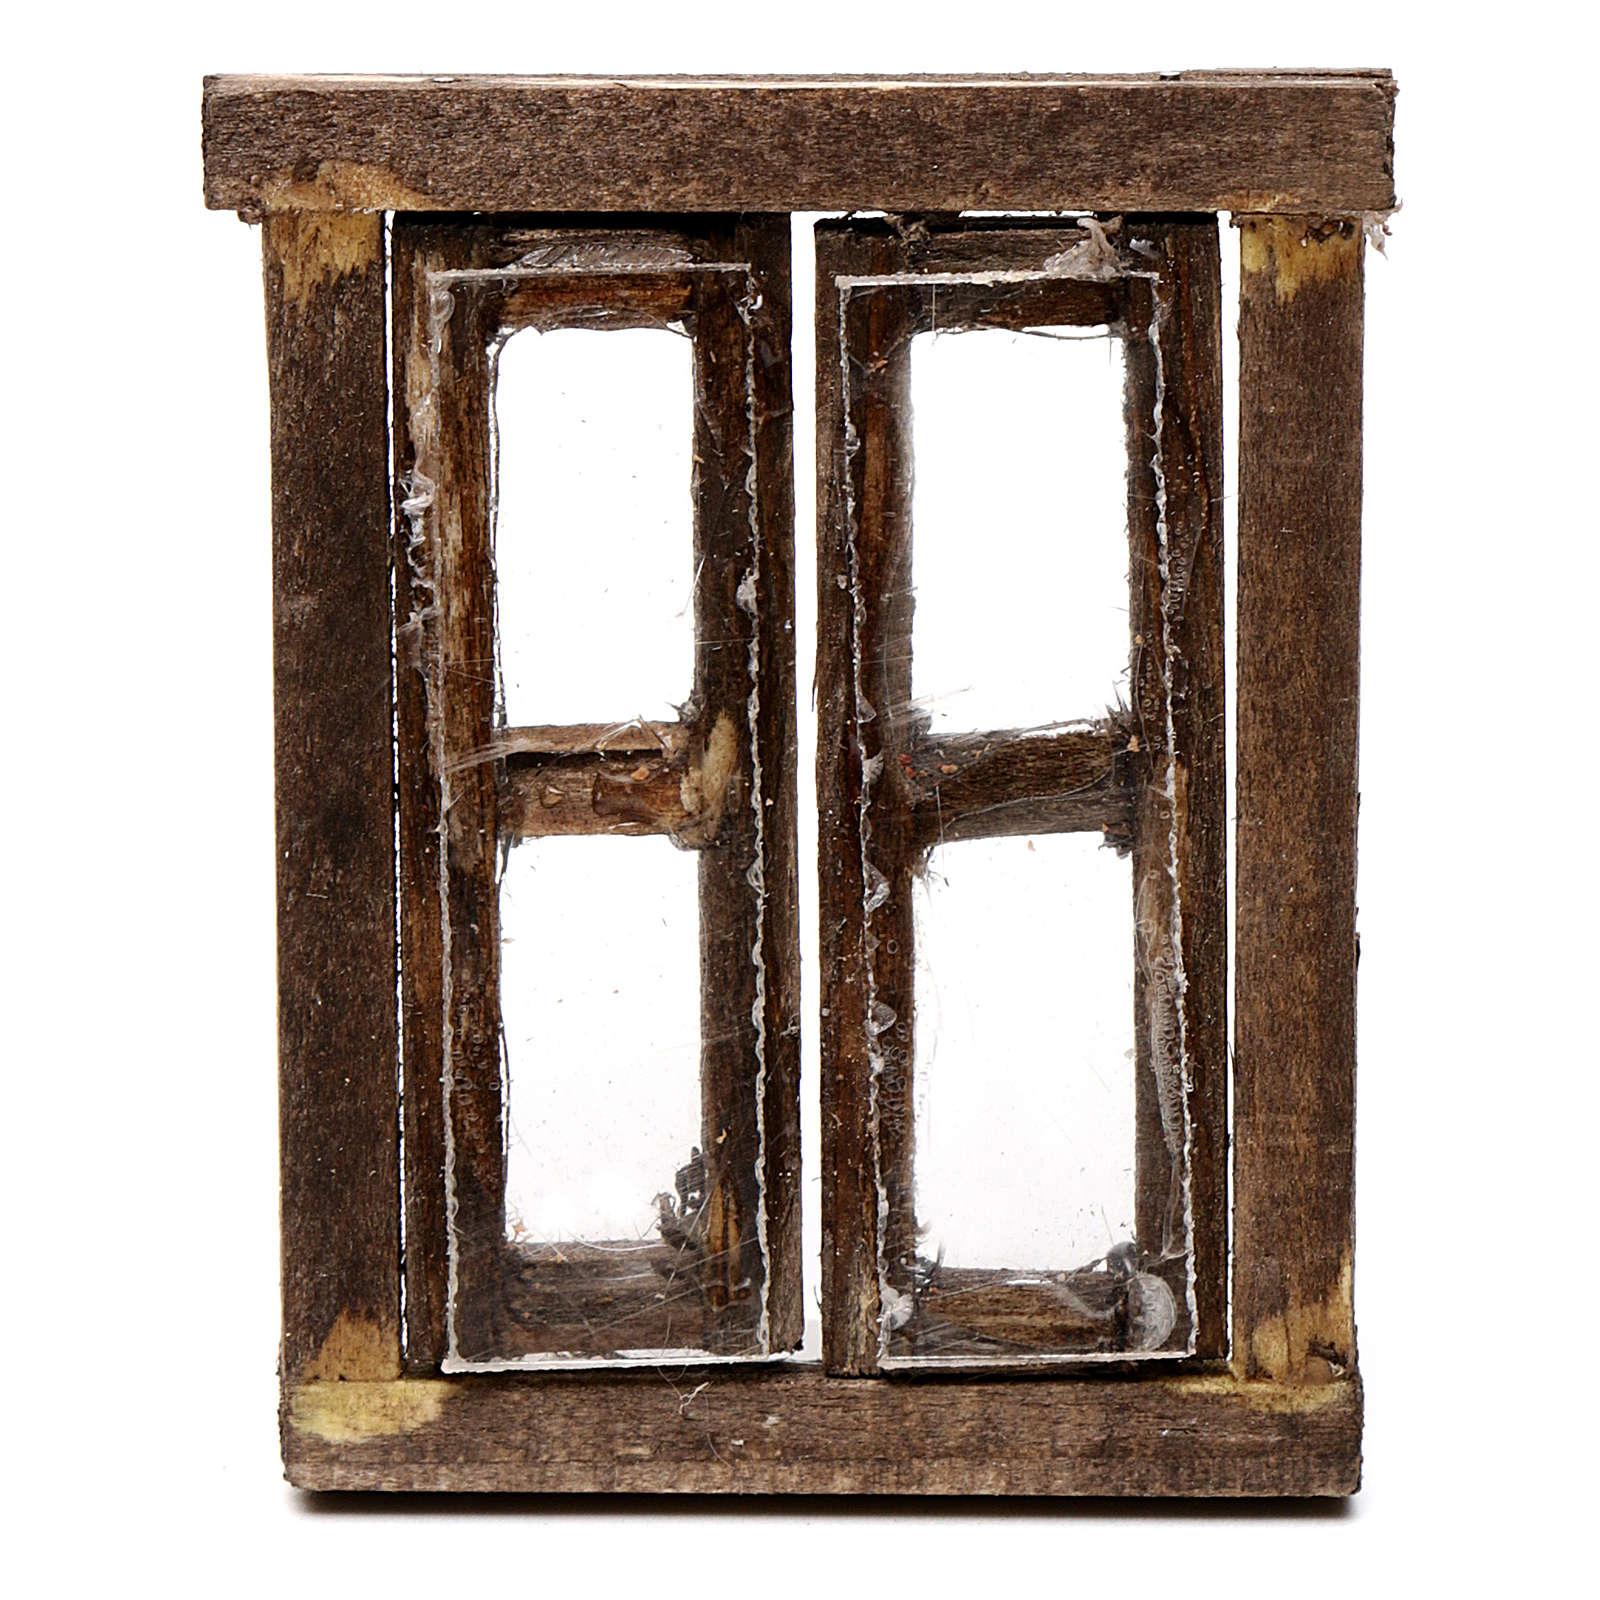 Finestra presepe 2 ante con infisso 5,5x4,5 cm 4